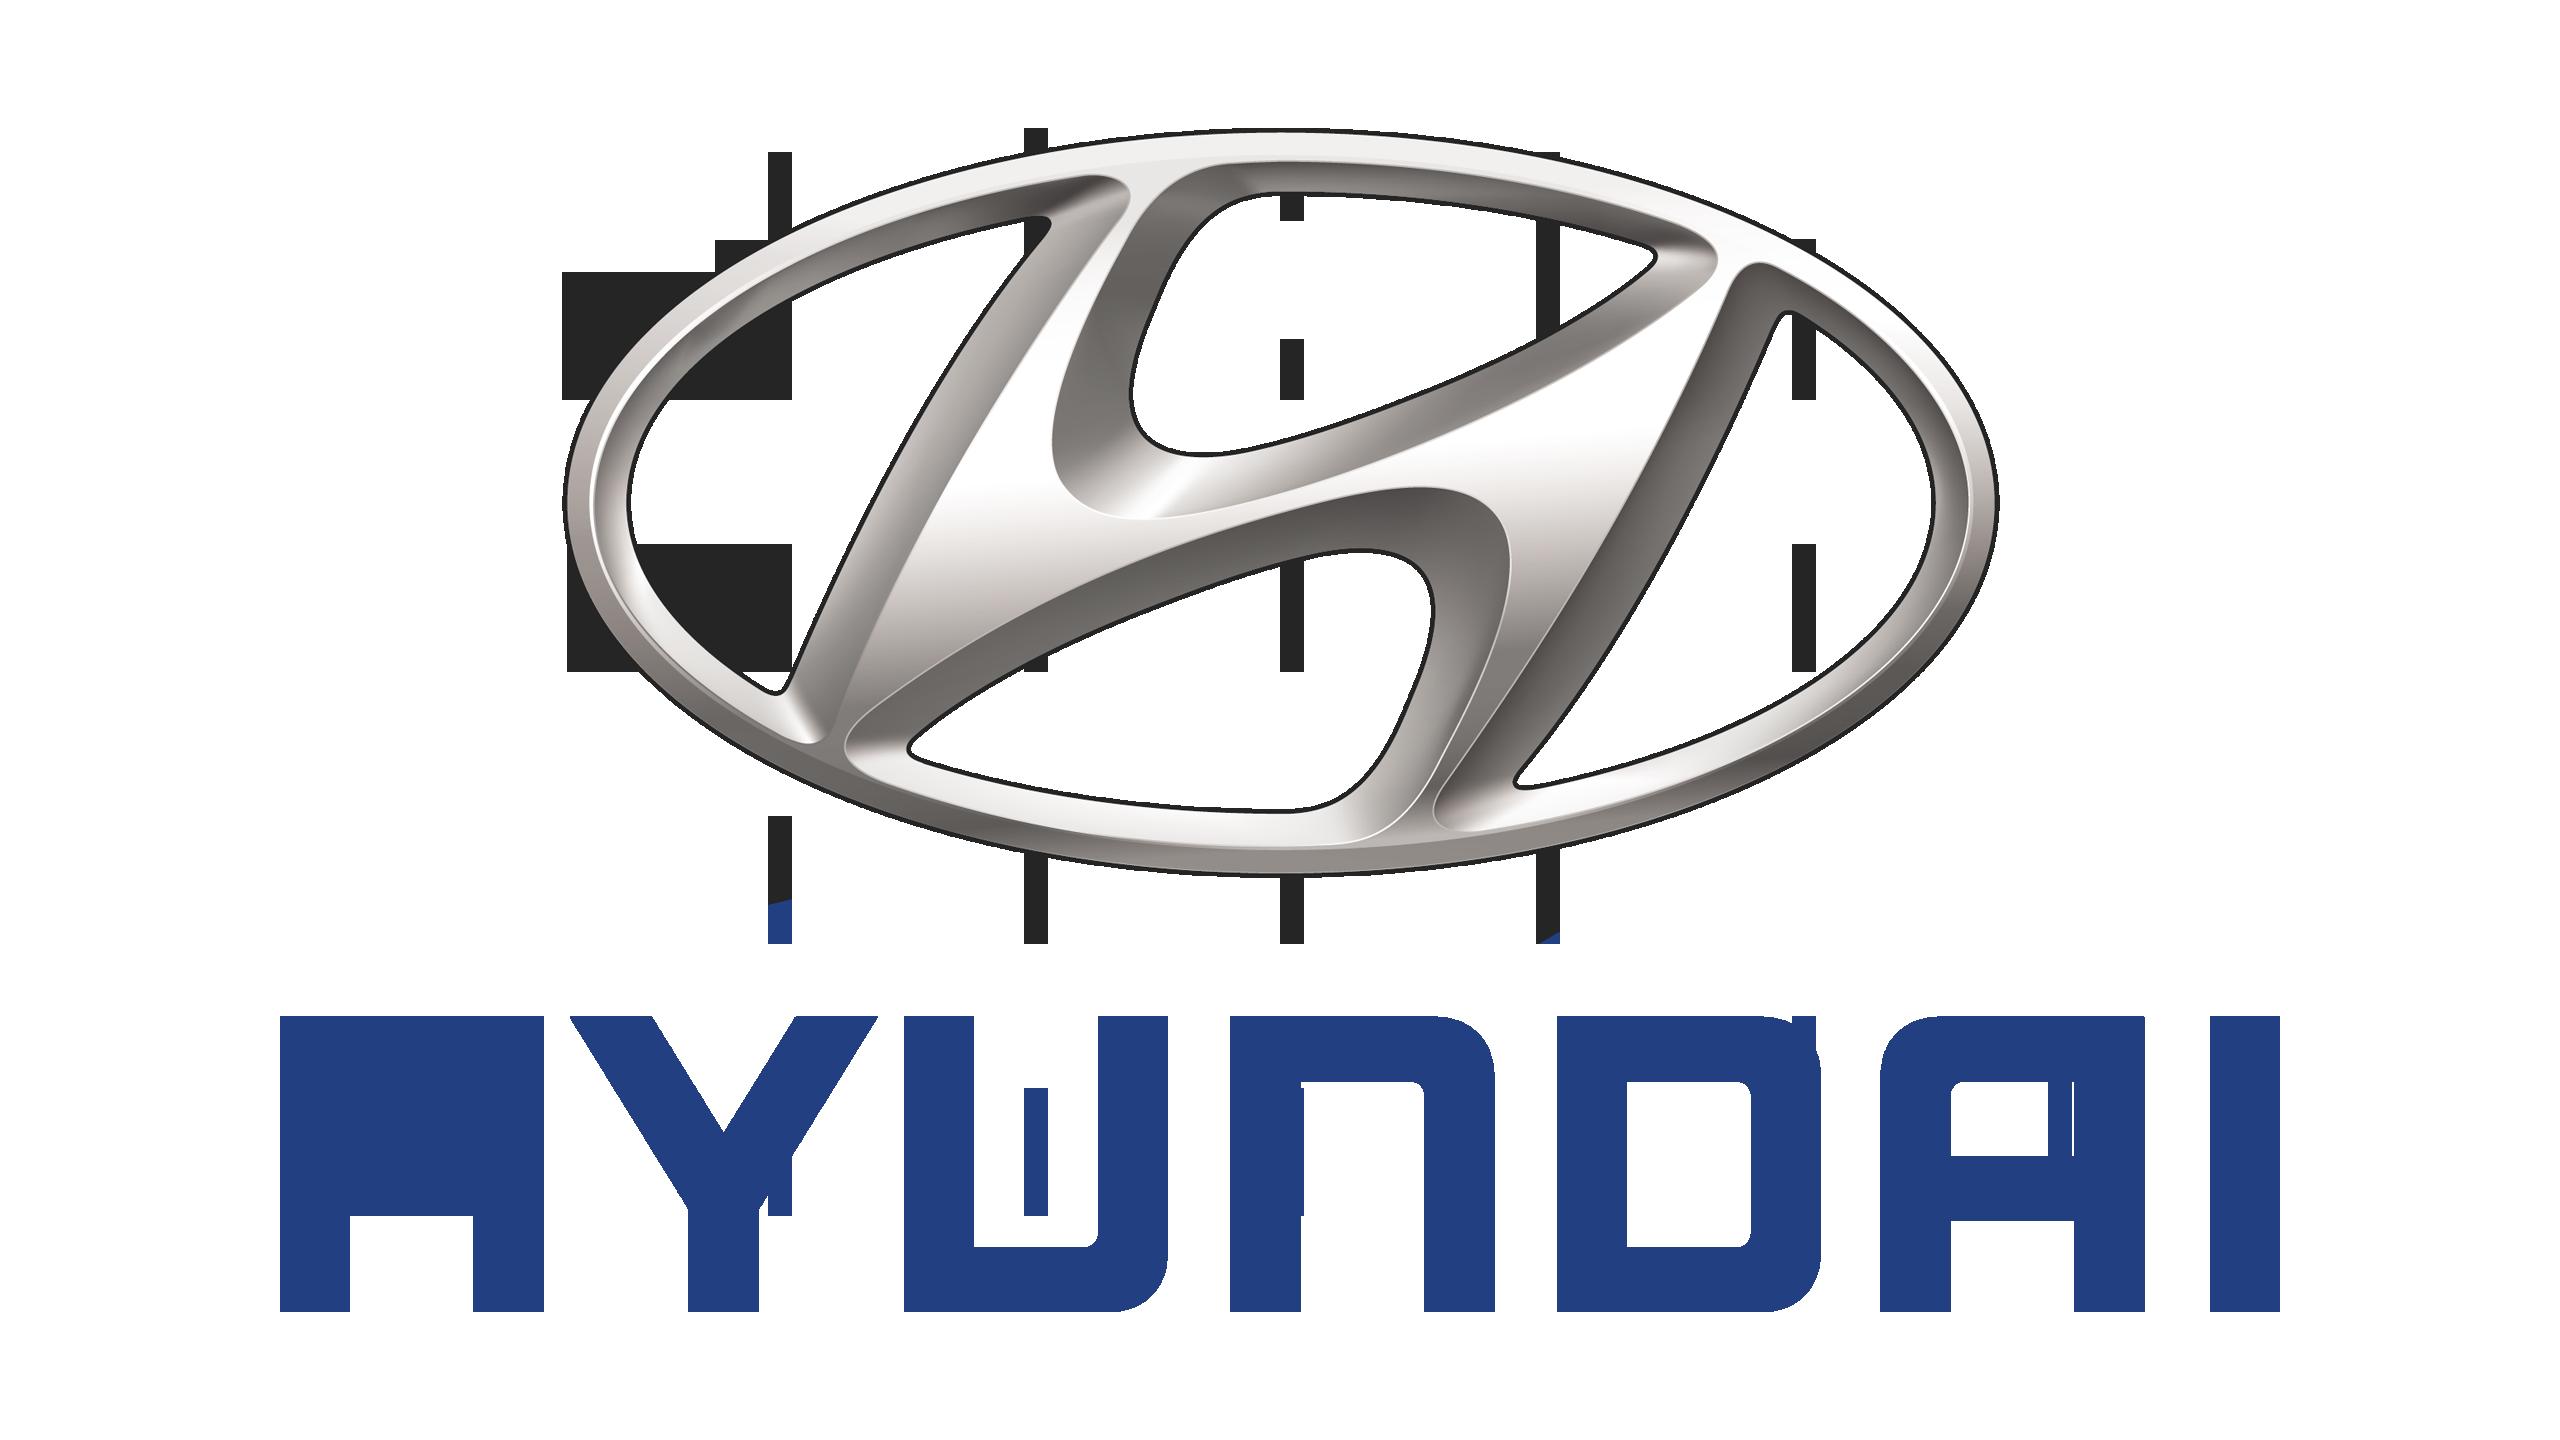 Contacter Hyundai et son service clientèle